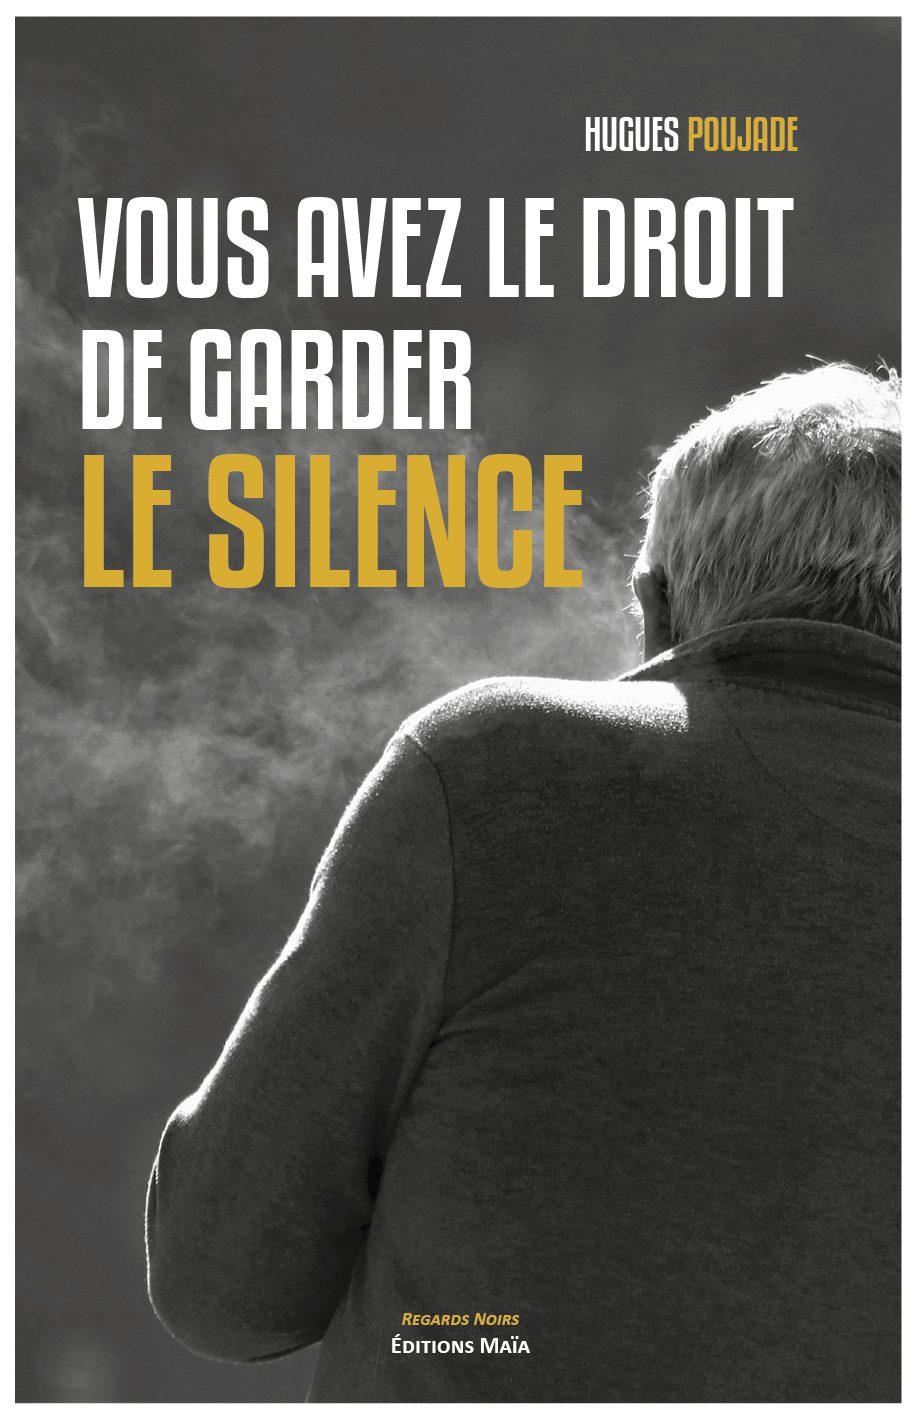 Entretien avec Hugues Poujade – Vous avez le droit de garder le silence